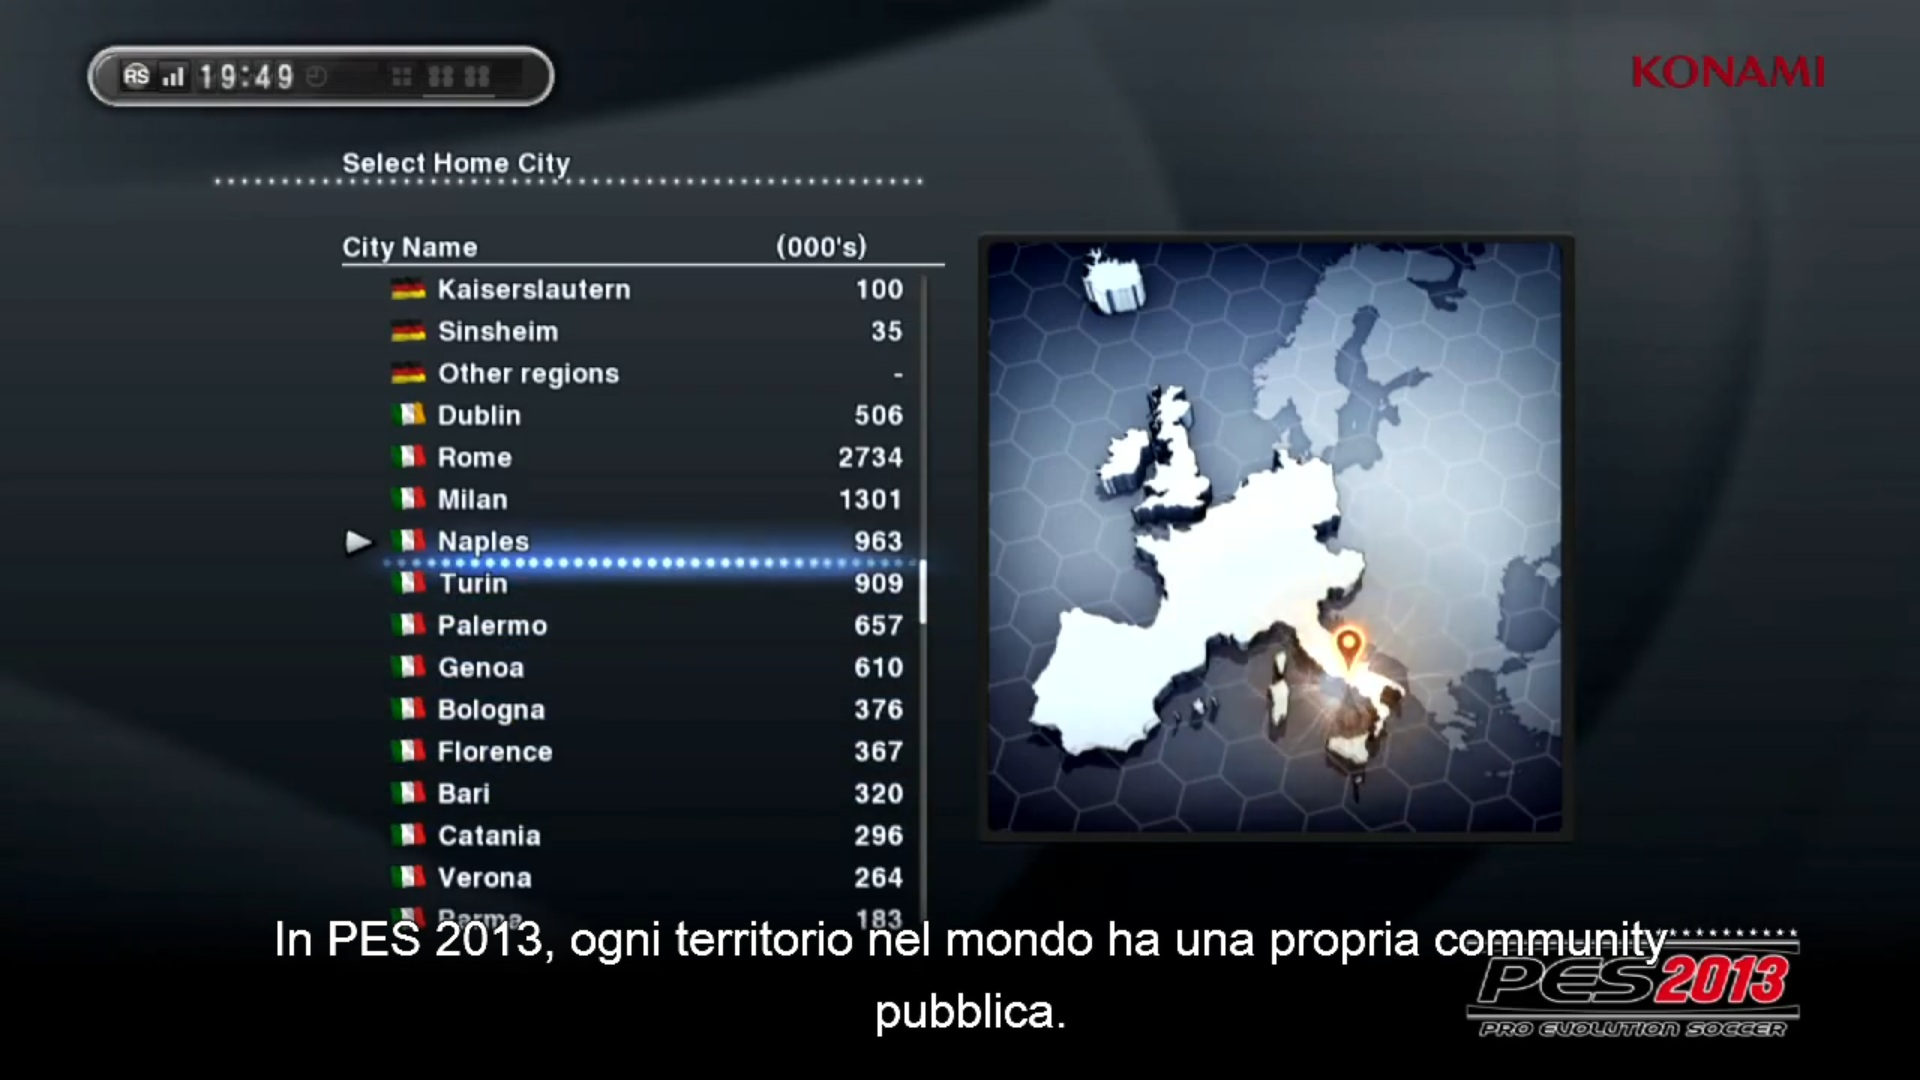 PES 2013 città Italia - PES 2013: nuove modalità, statistiche e social in un video